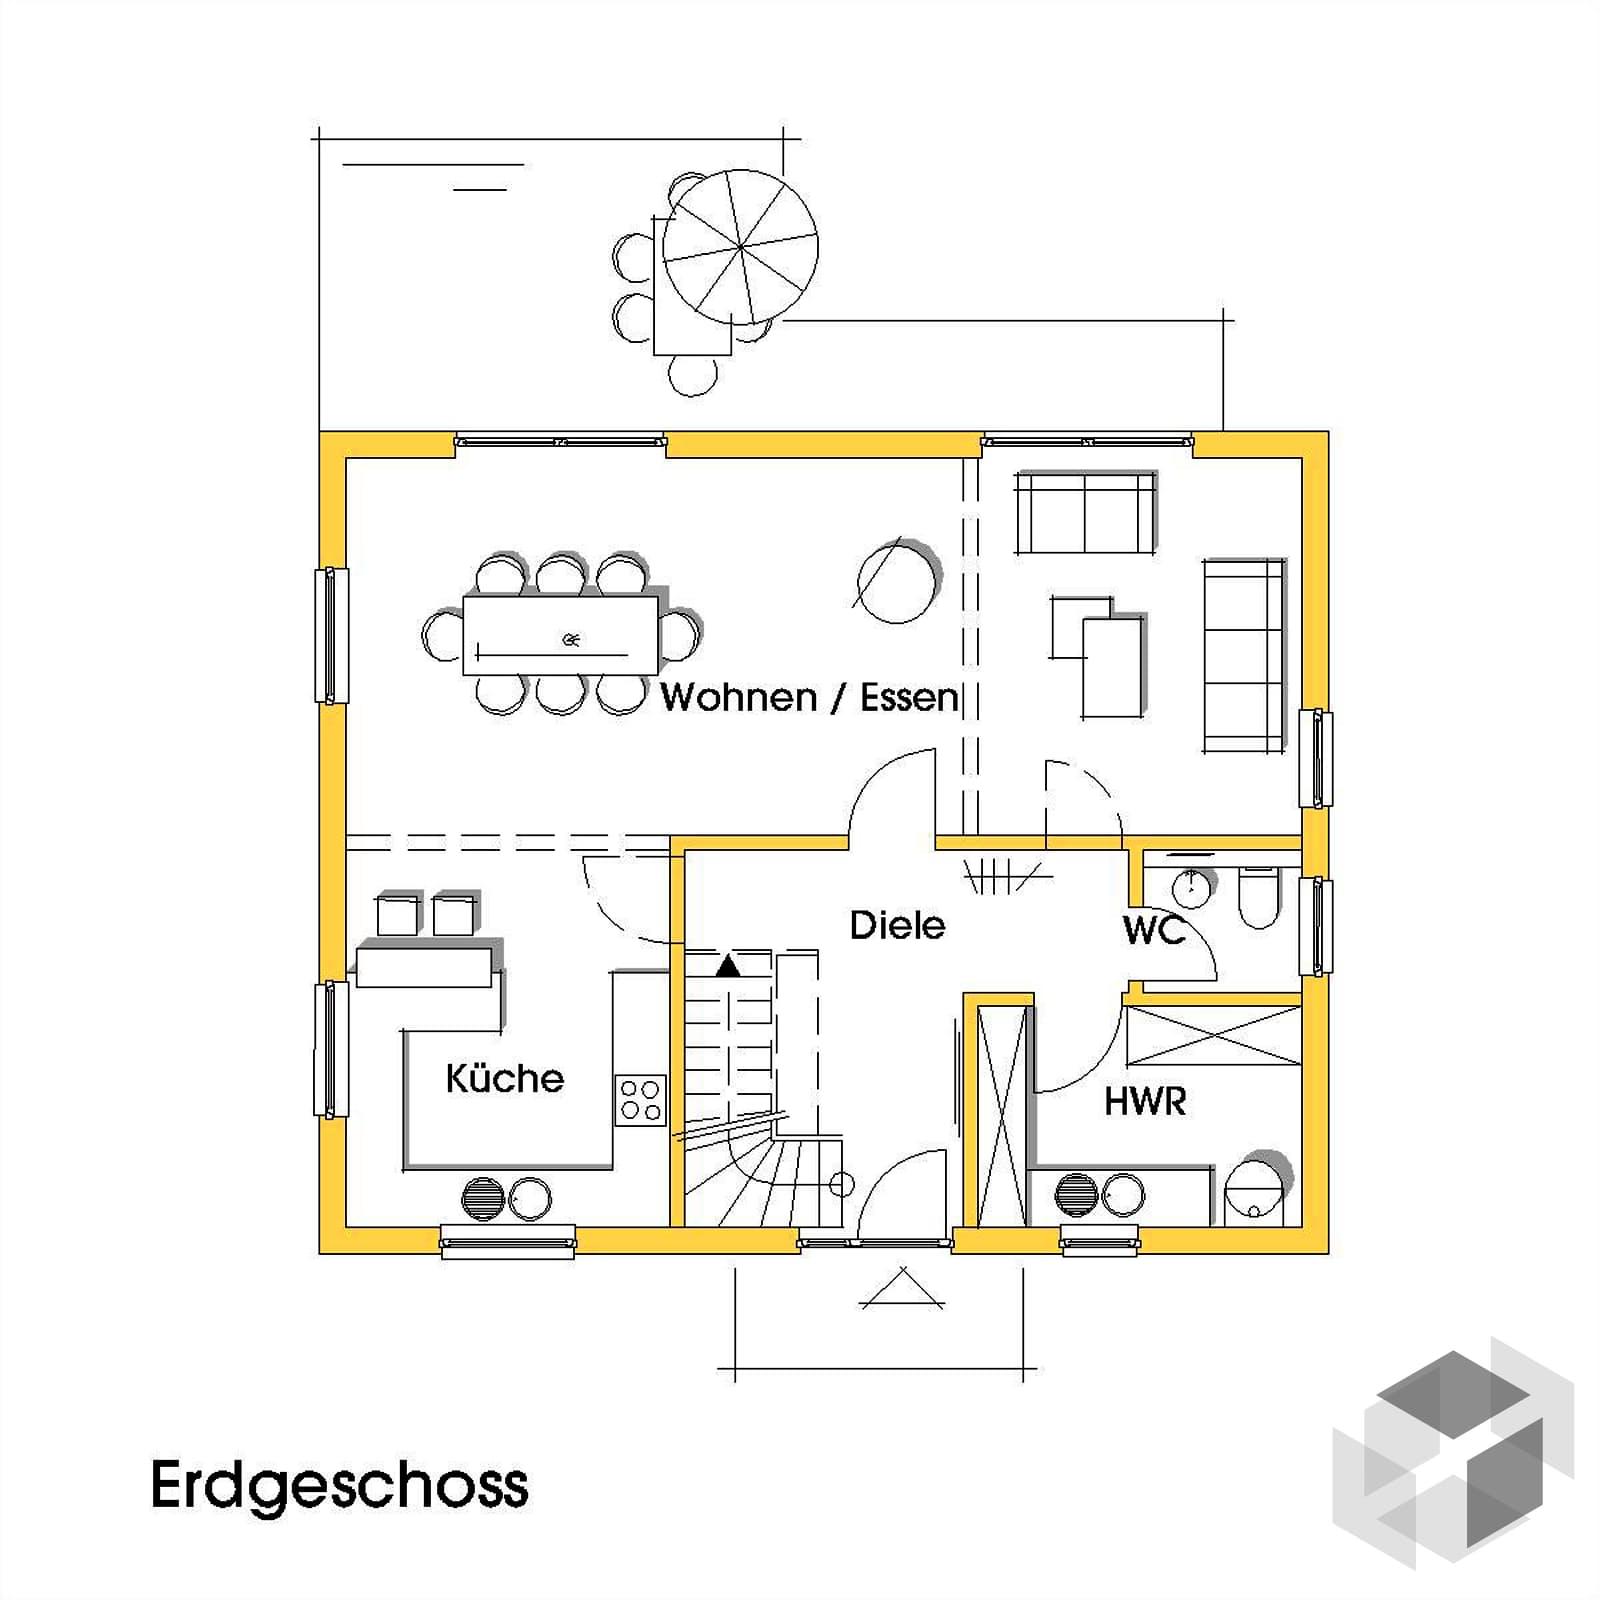 imke 2 kfw effizienzhaus 40 von dammann haus komplette daten bersicht. Black Bedroom Furniture Sets. Home Design Ideas